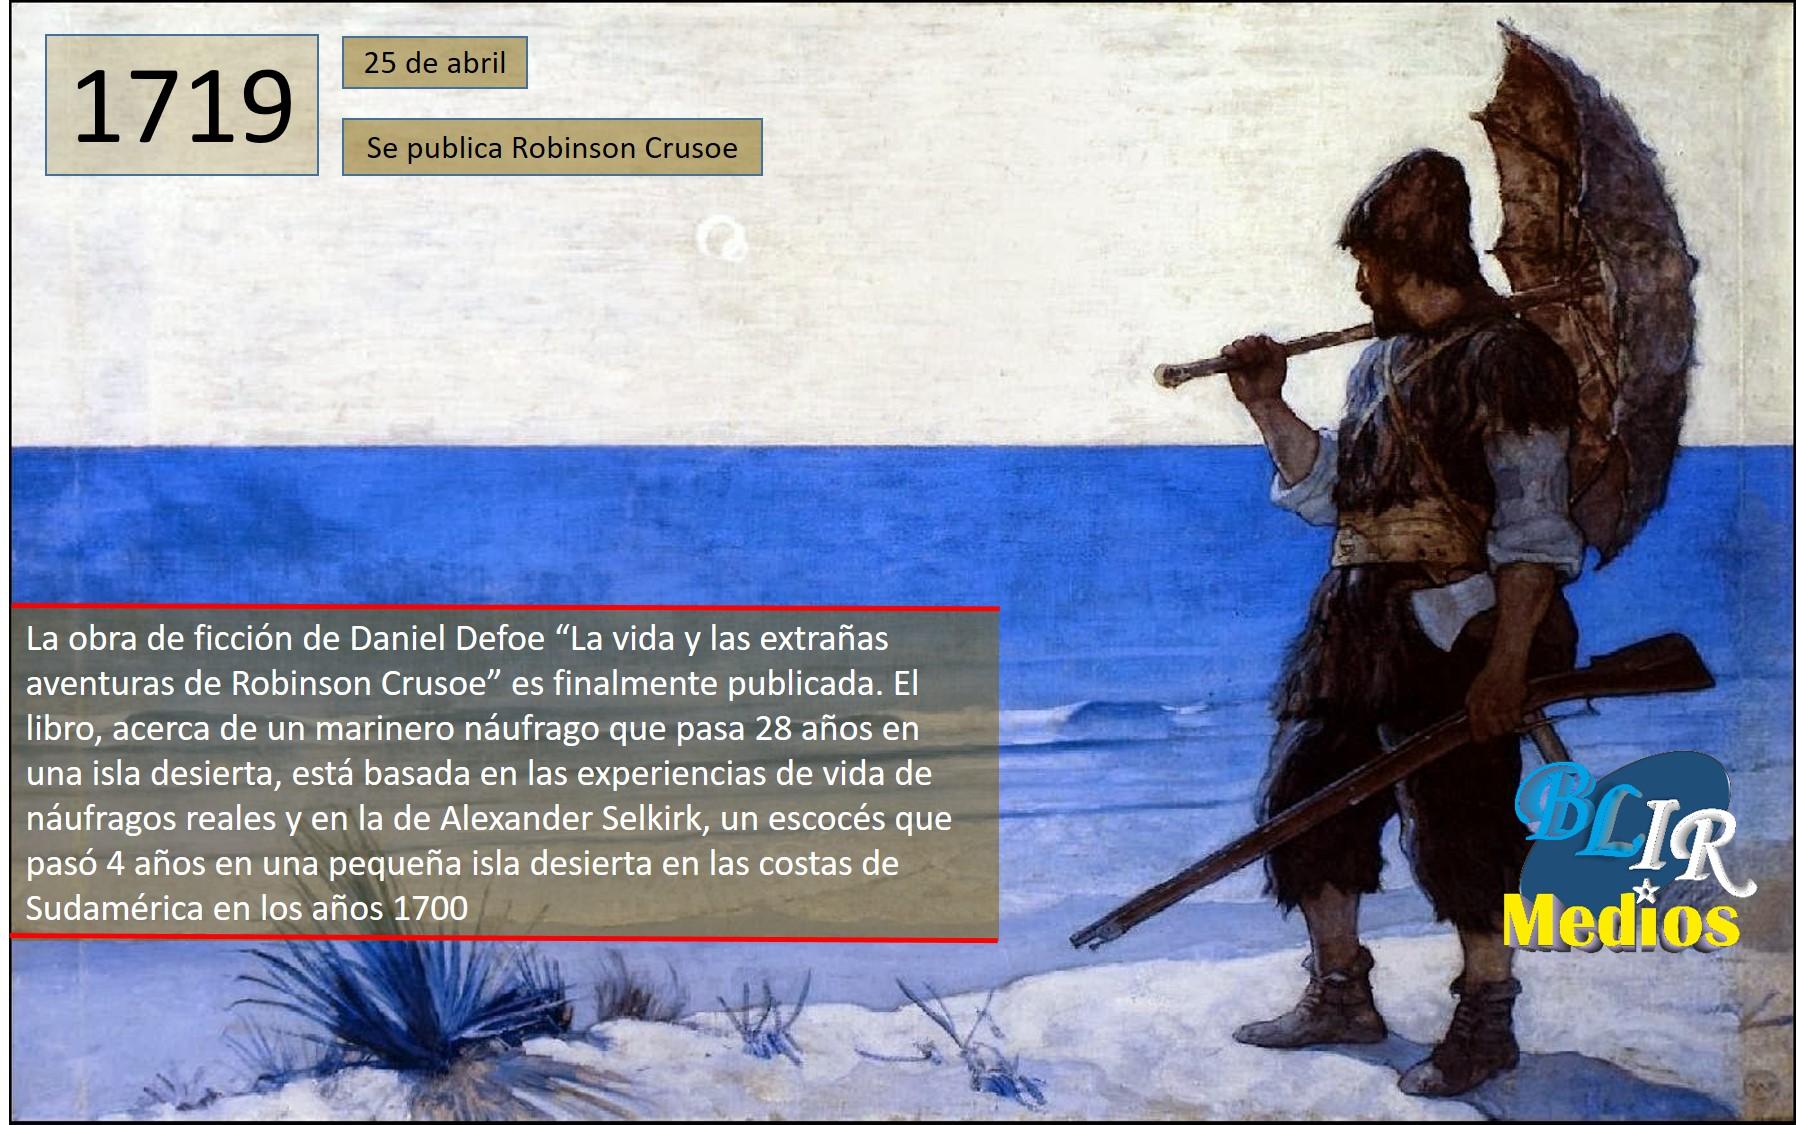 Resultado de imagen para robinson crusoe 25 de abril